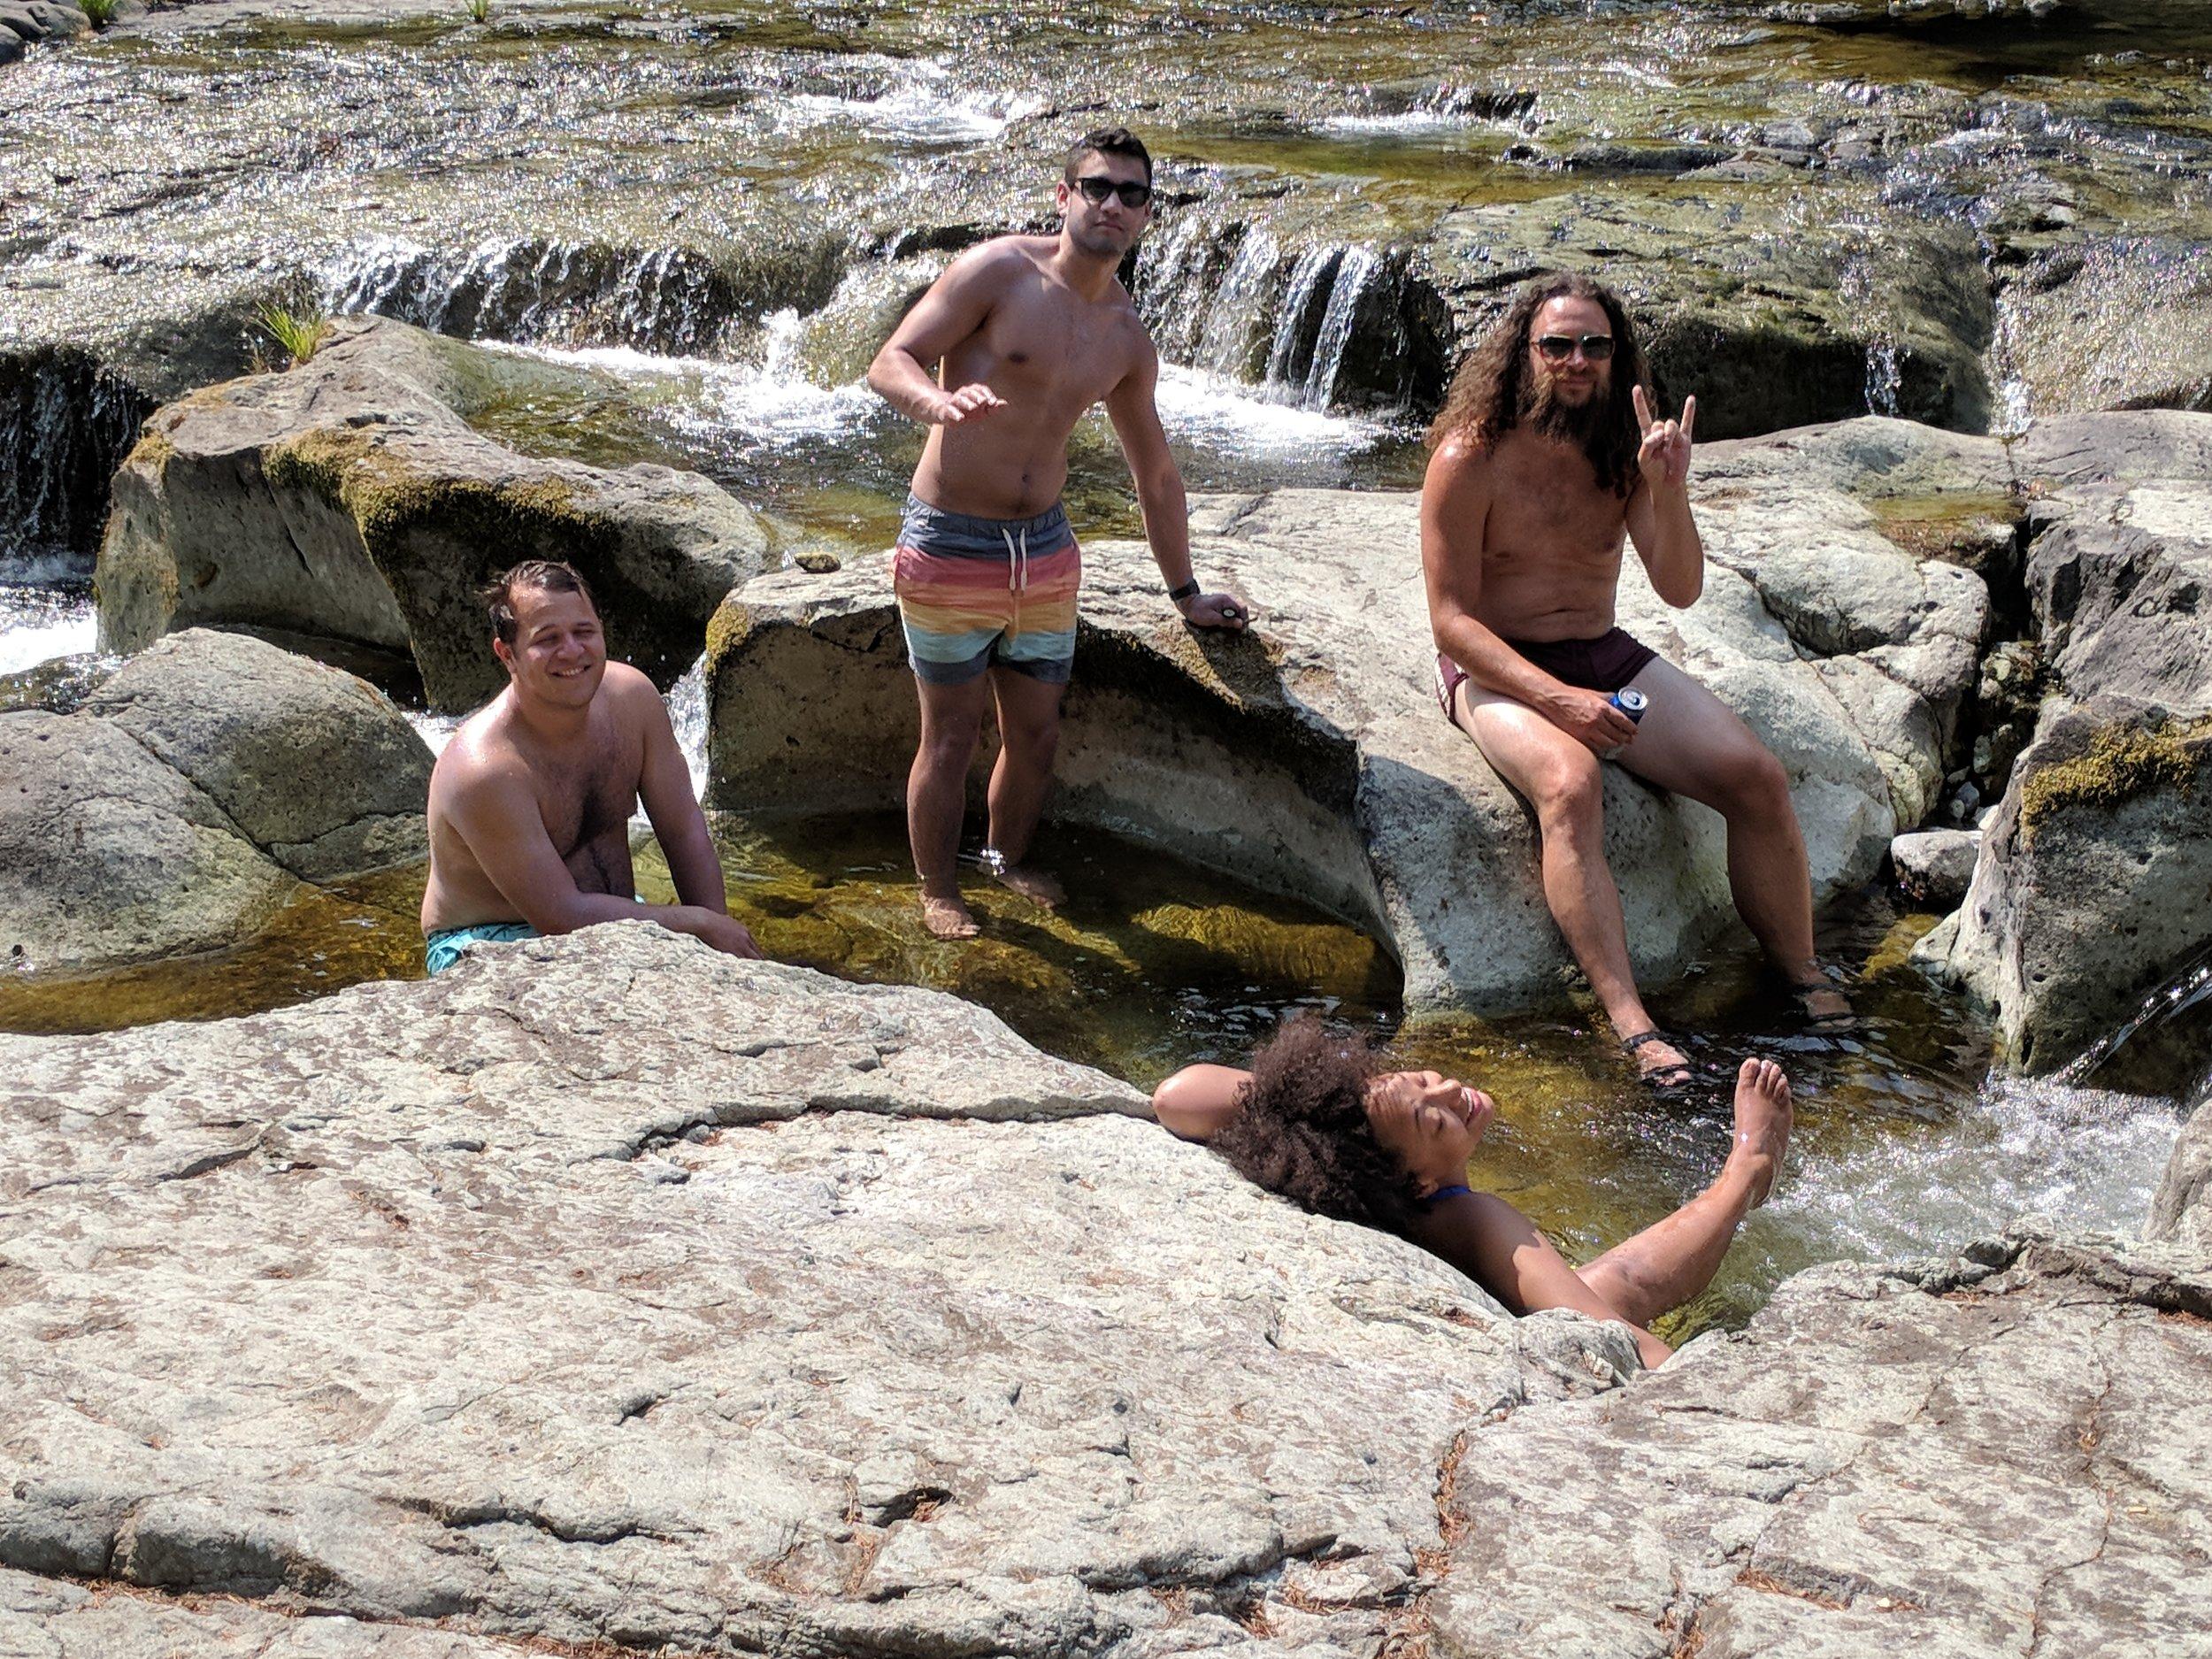 Naked Falls in Washington State